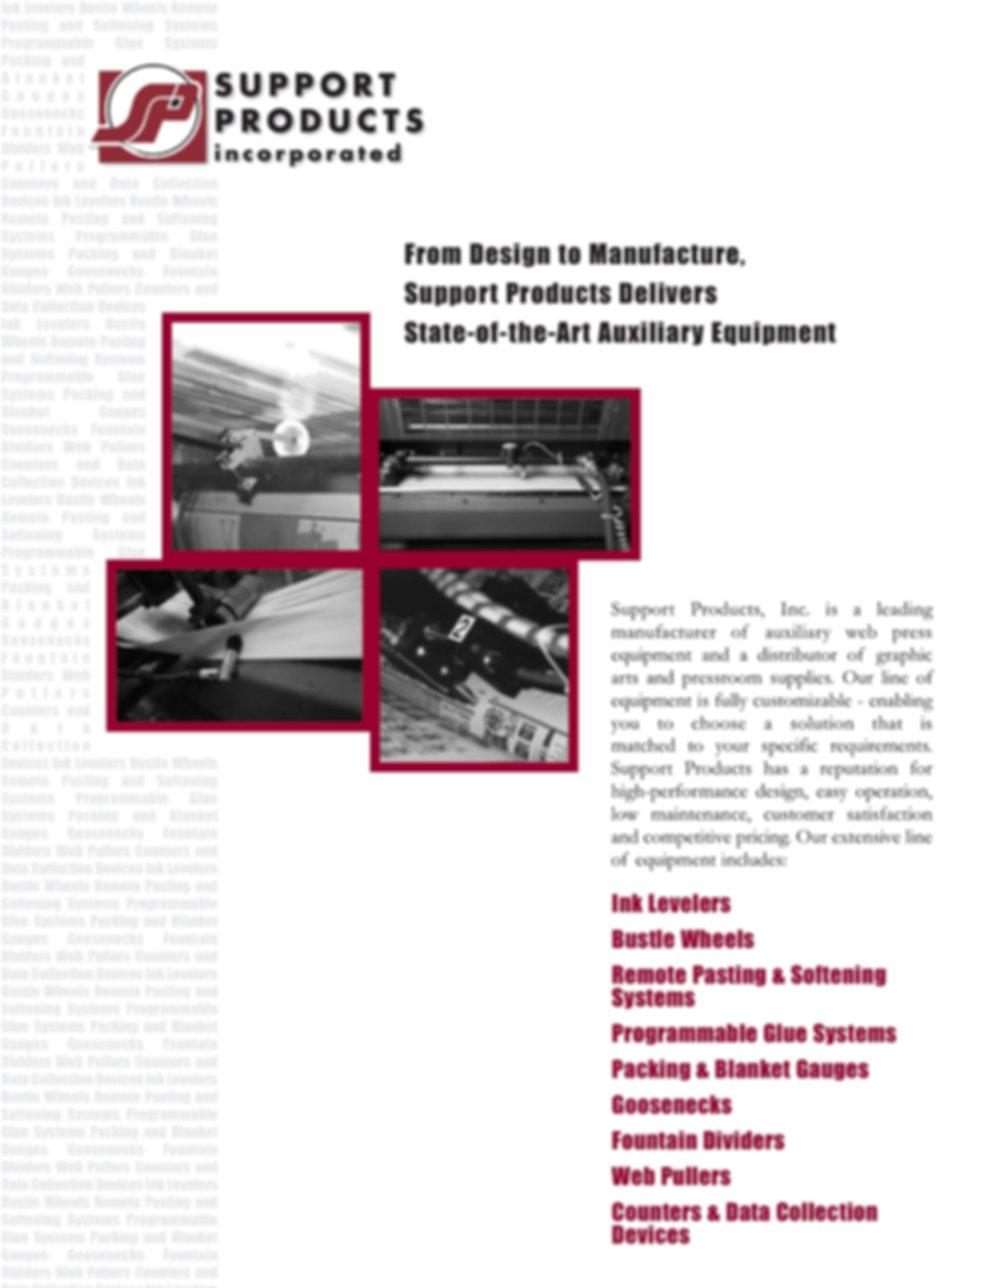 SPI_Equipment_Brochure0807-1.jpg